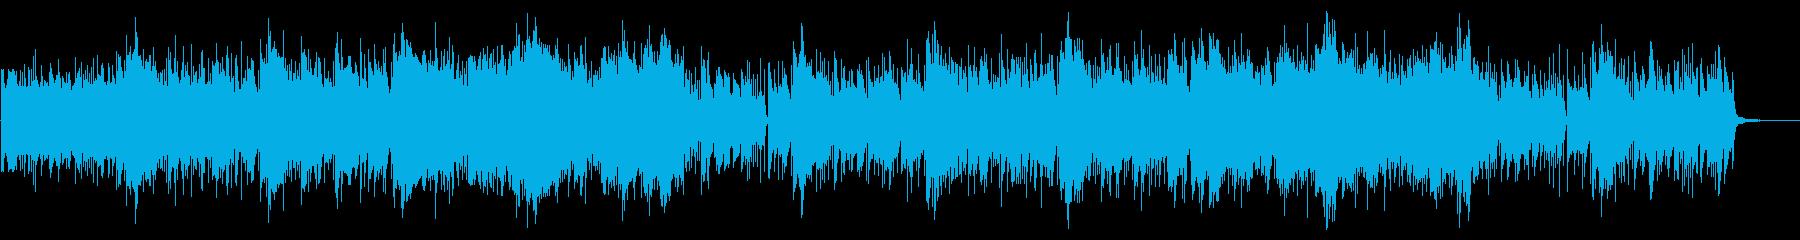 アラビアンな砂漠系ファンタジーBGMの再生済みの波形